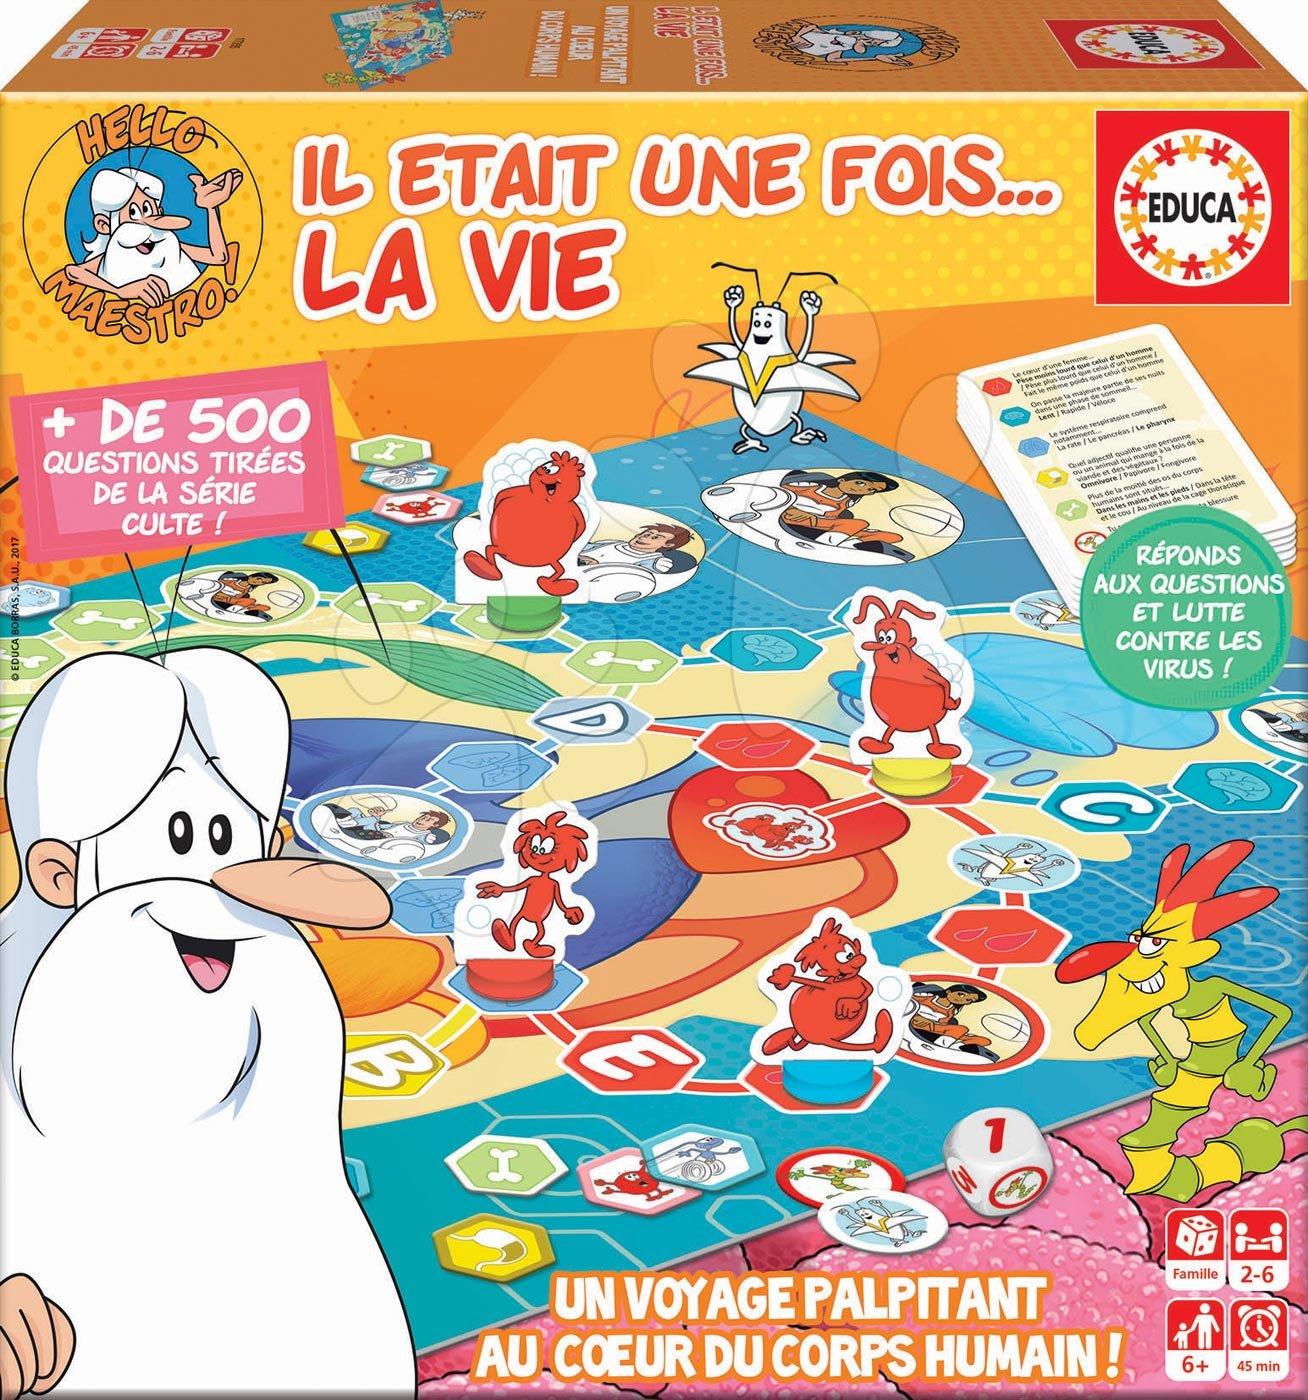 Spoločenská hra Hello Maestro La Vie-Le Jeu Educa pre 2-6 hráčov po francúzsky od 6 rokov